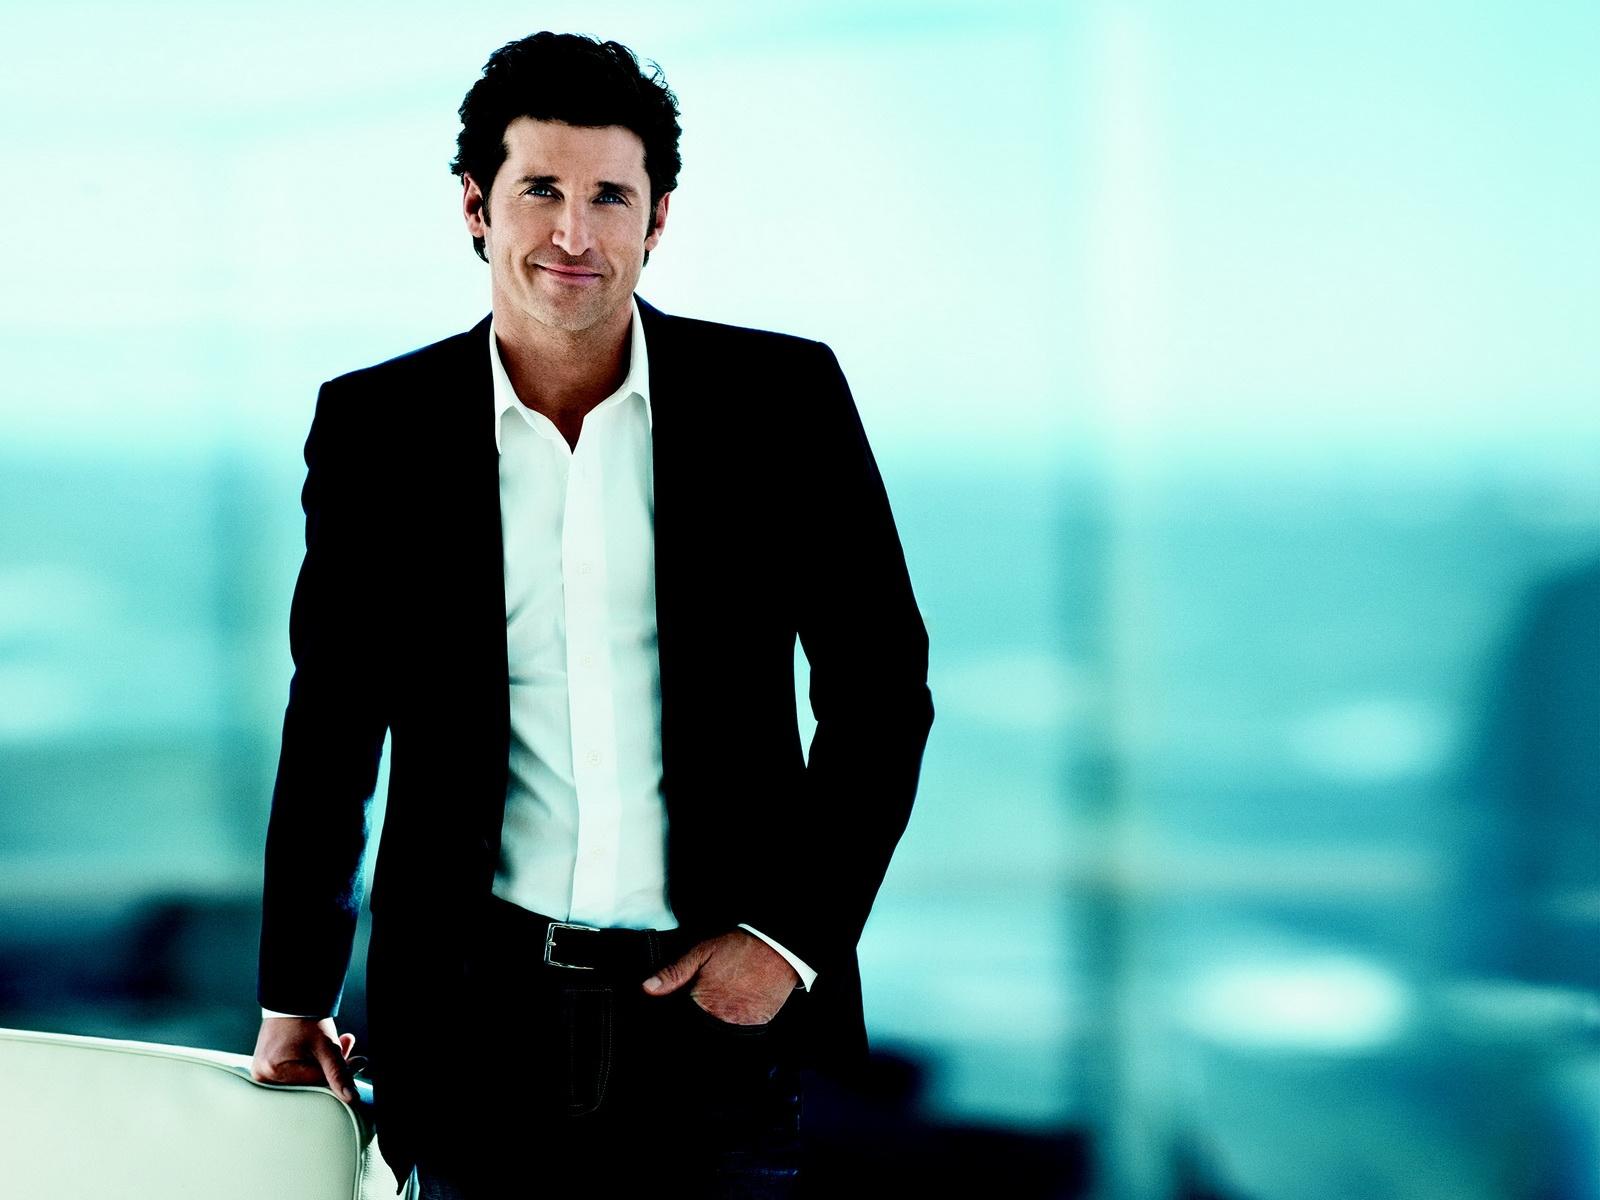 Wallpaper Brunette Actor Celebrity Gentleman Jacket Shirt